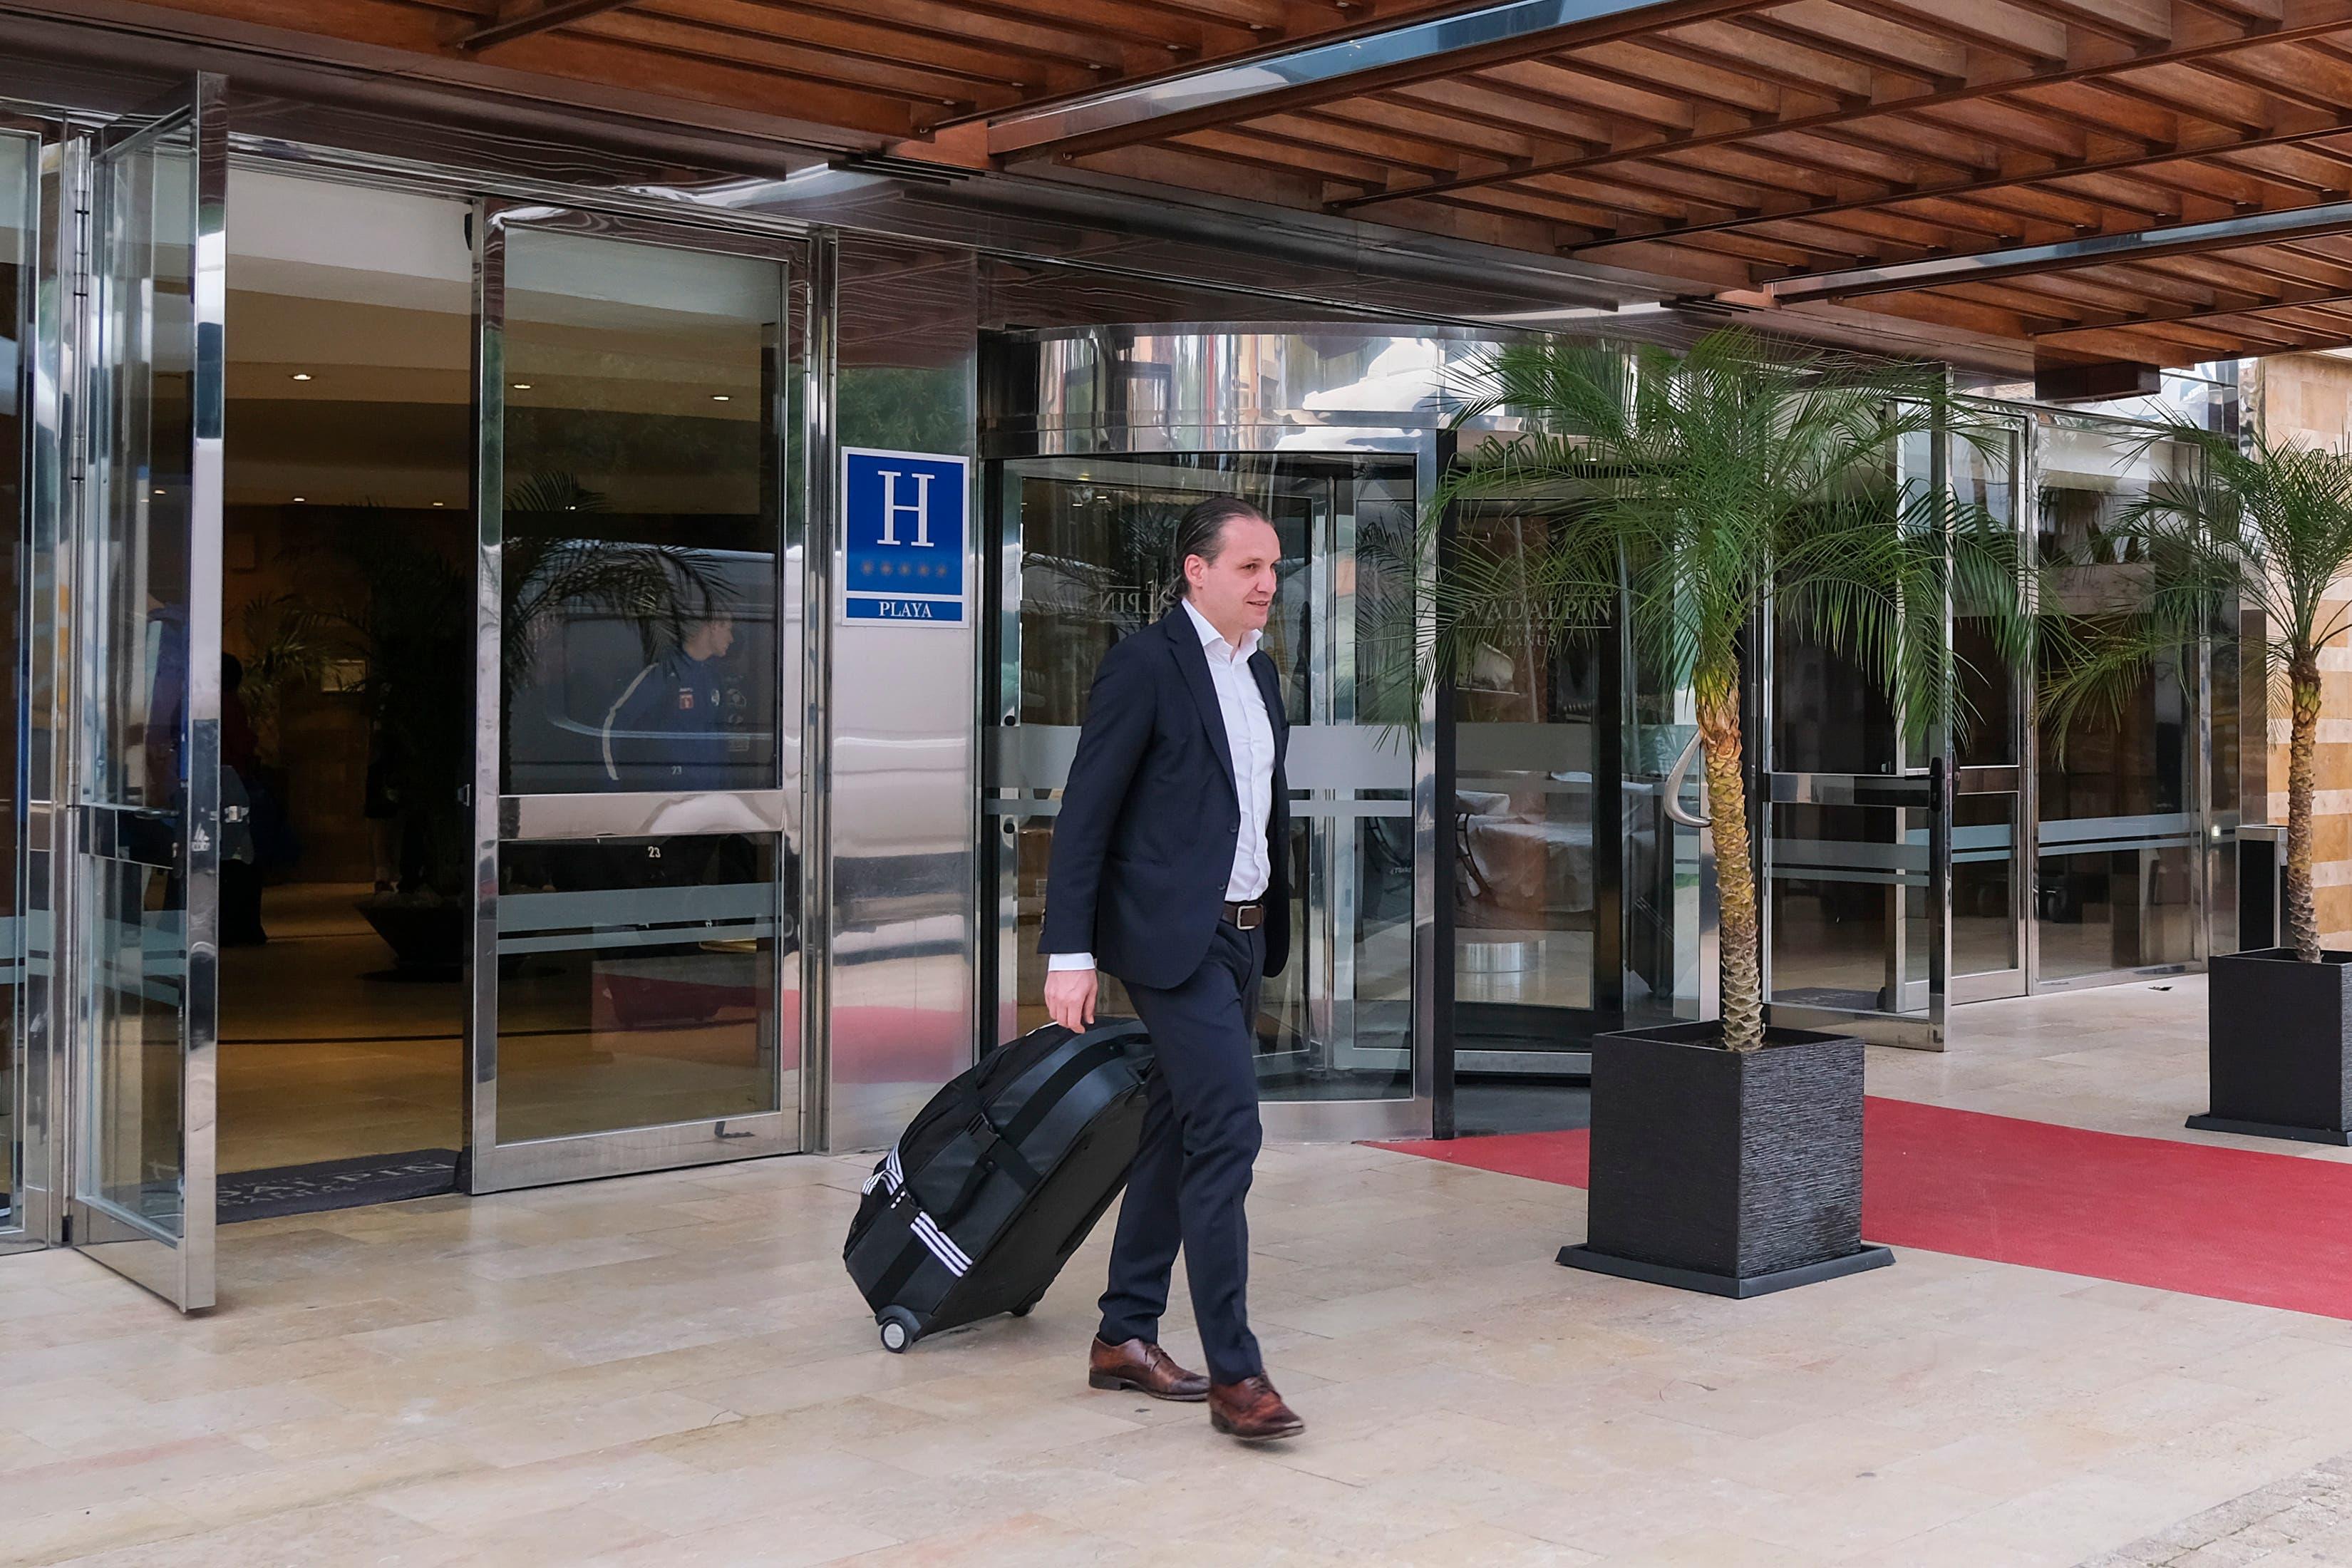 Sportchef Remo Meyer verlässt das Hotel nach dem Trainingslager des FCL.